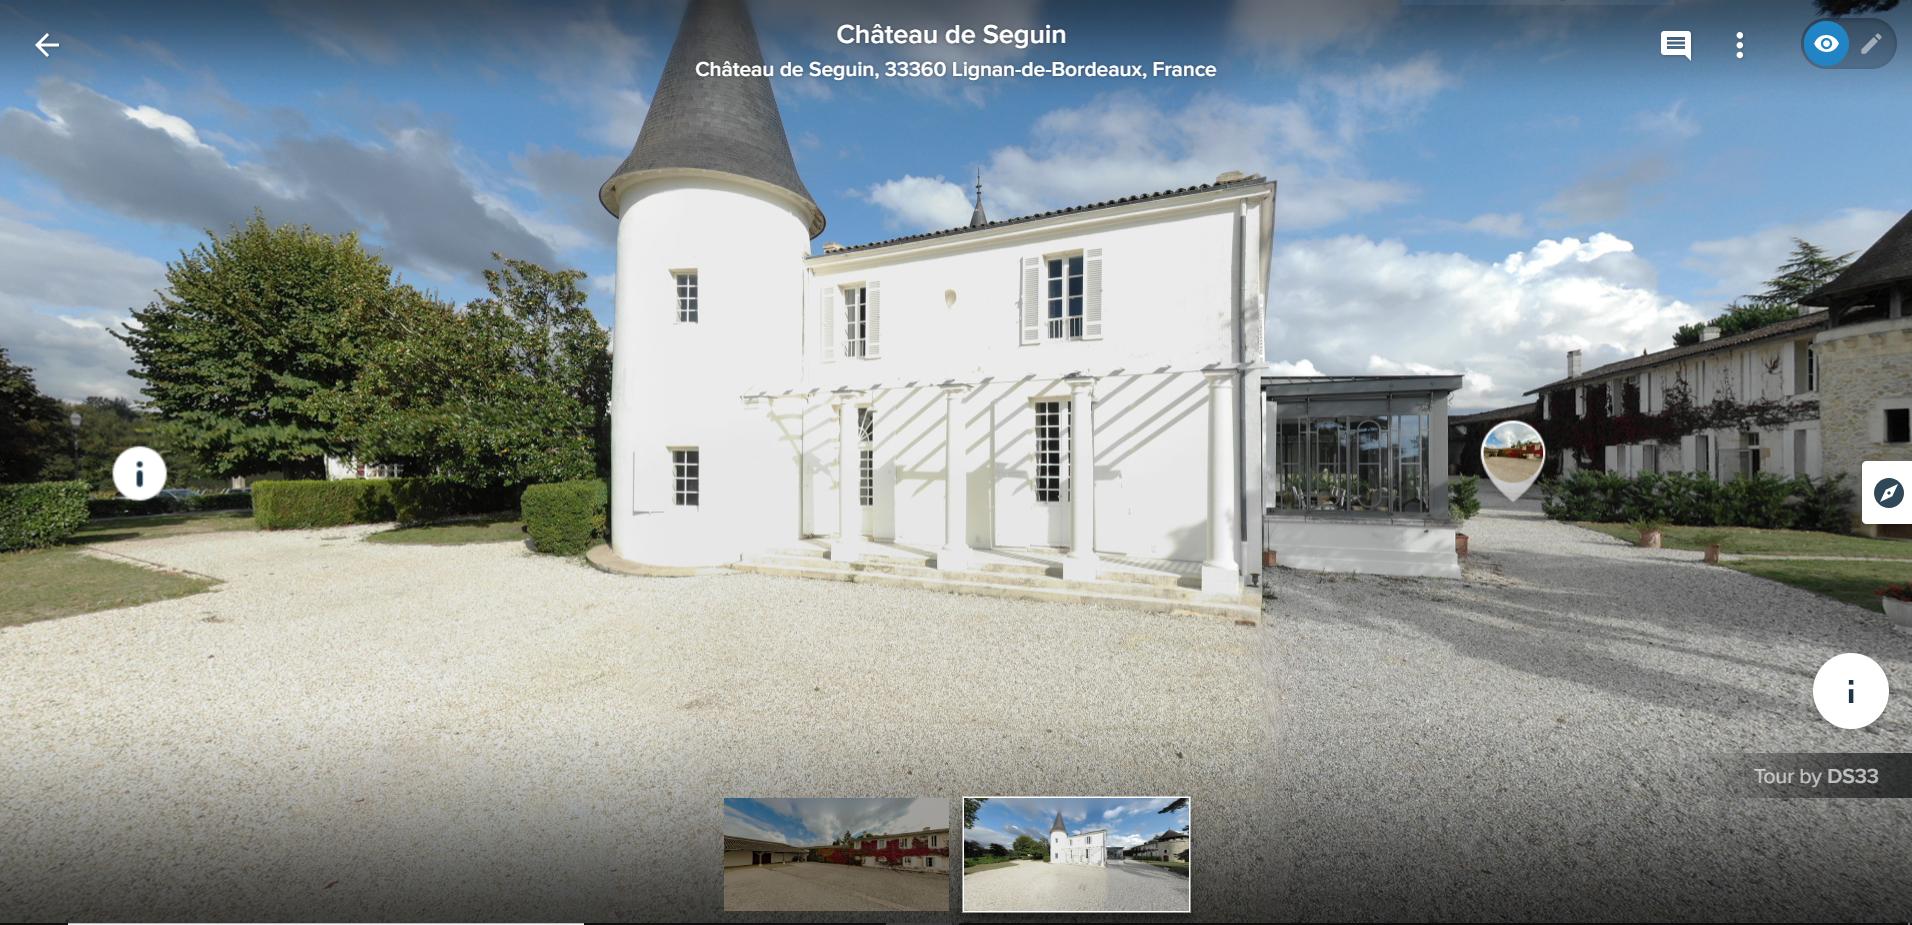 Visite virtuelle - Immobilier, entreprise, événementiel